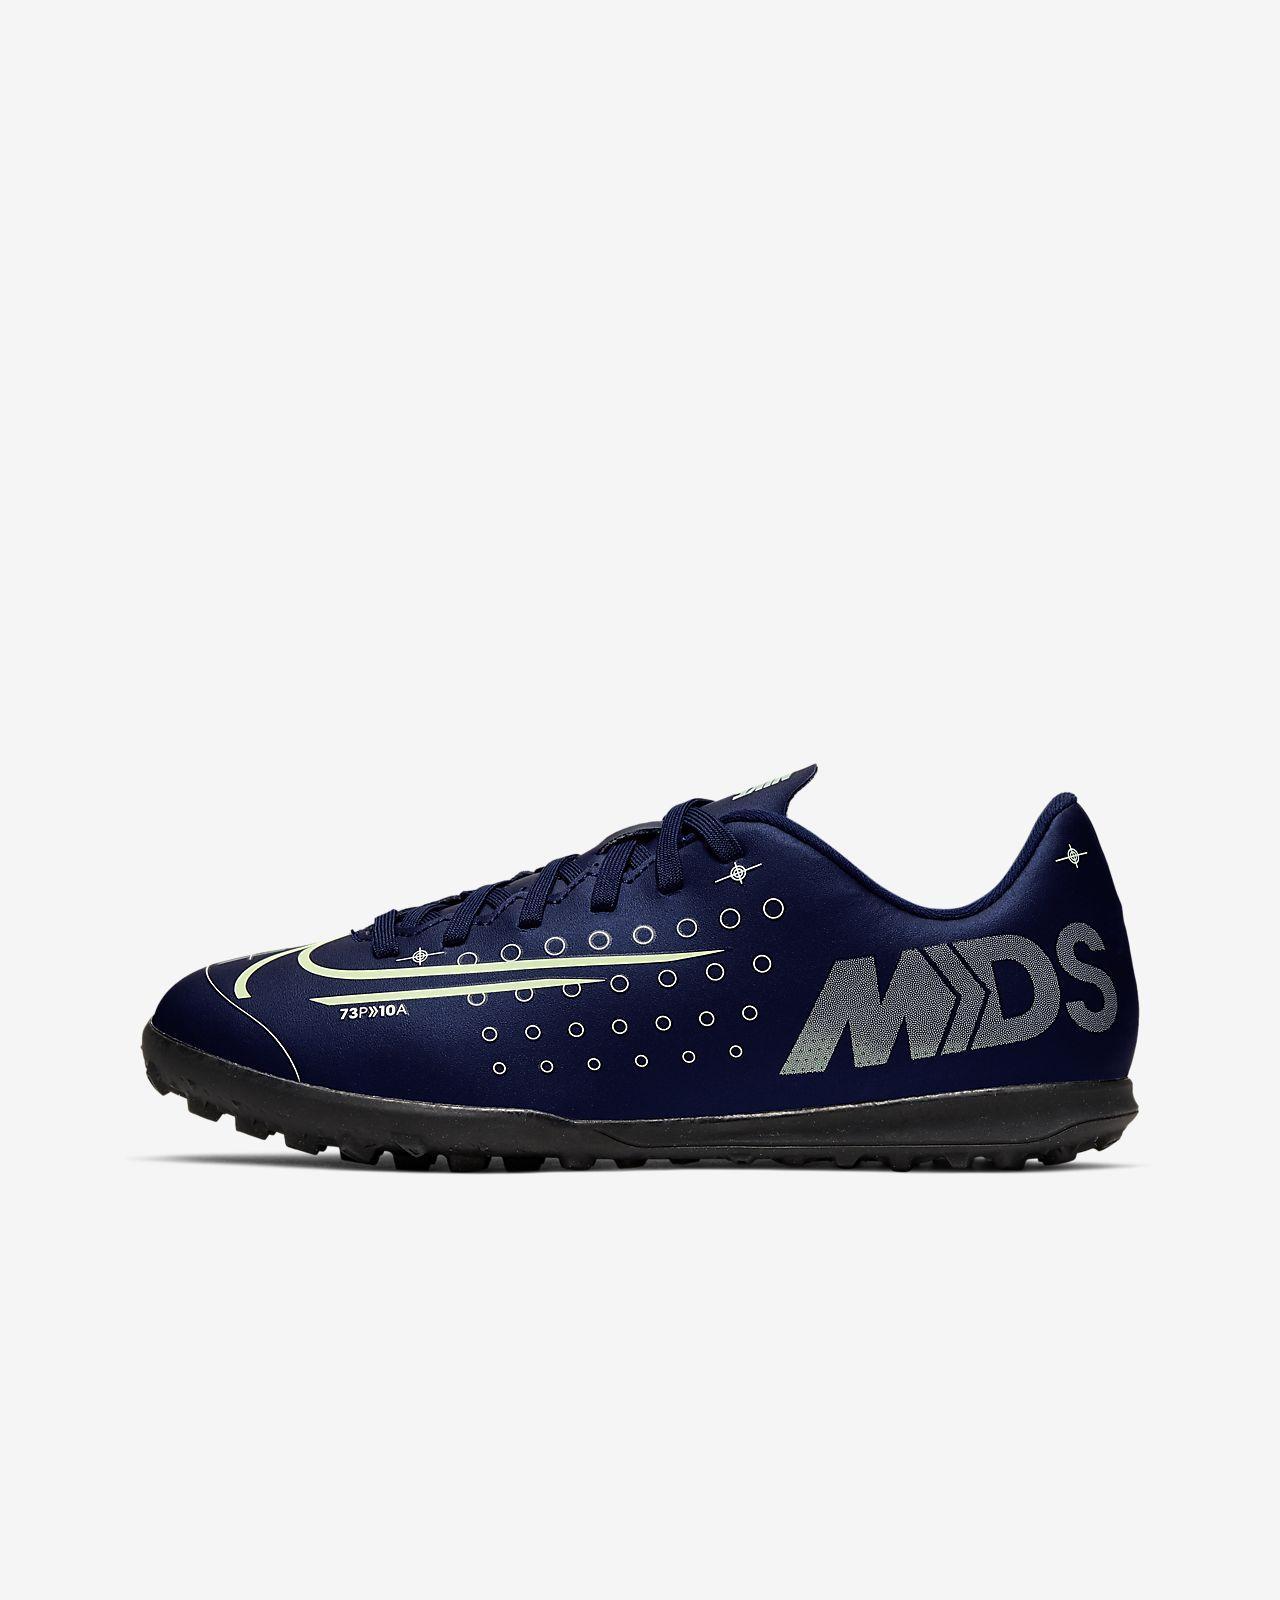 Buty piłkarskie na sztuczną nawierzchnię typu turf dla małych/dużych dzieci Nike Jr. Mercurial Vapor 13 Club MDS TF